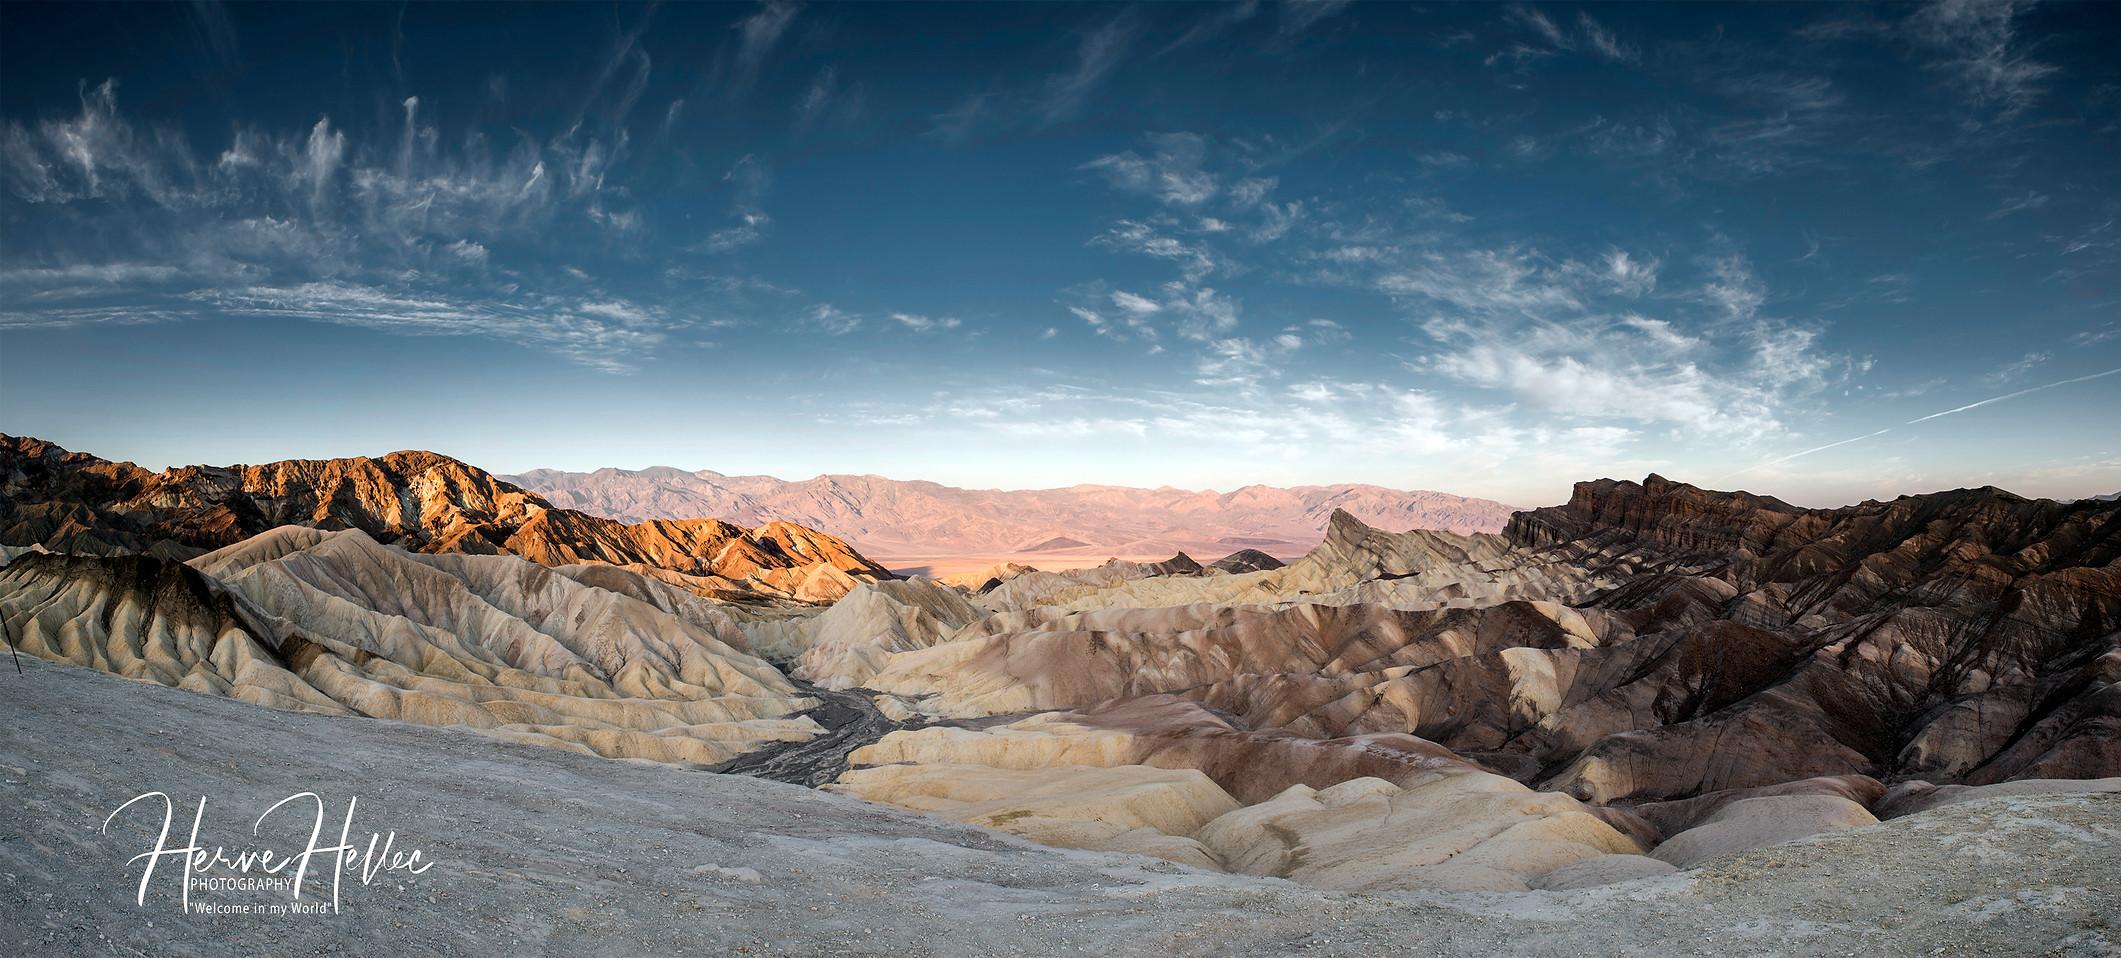 Zabriskie Point Death Valley SIGNEE.jpg